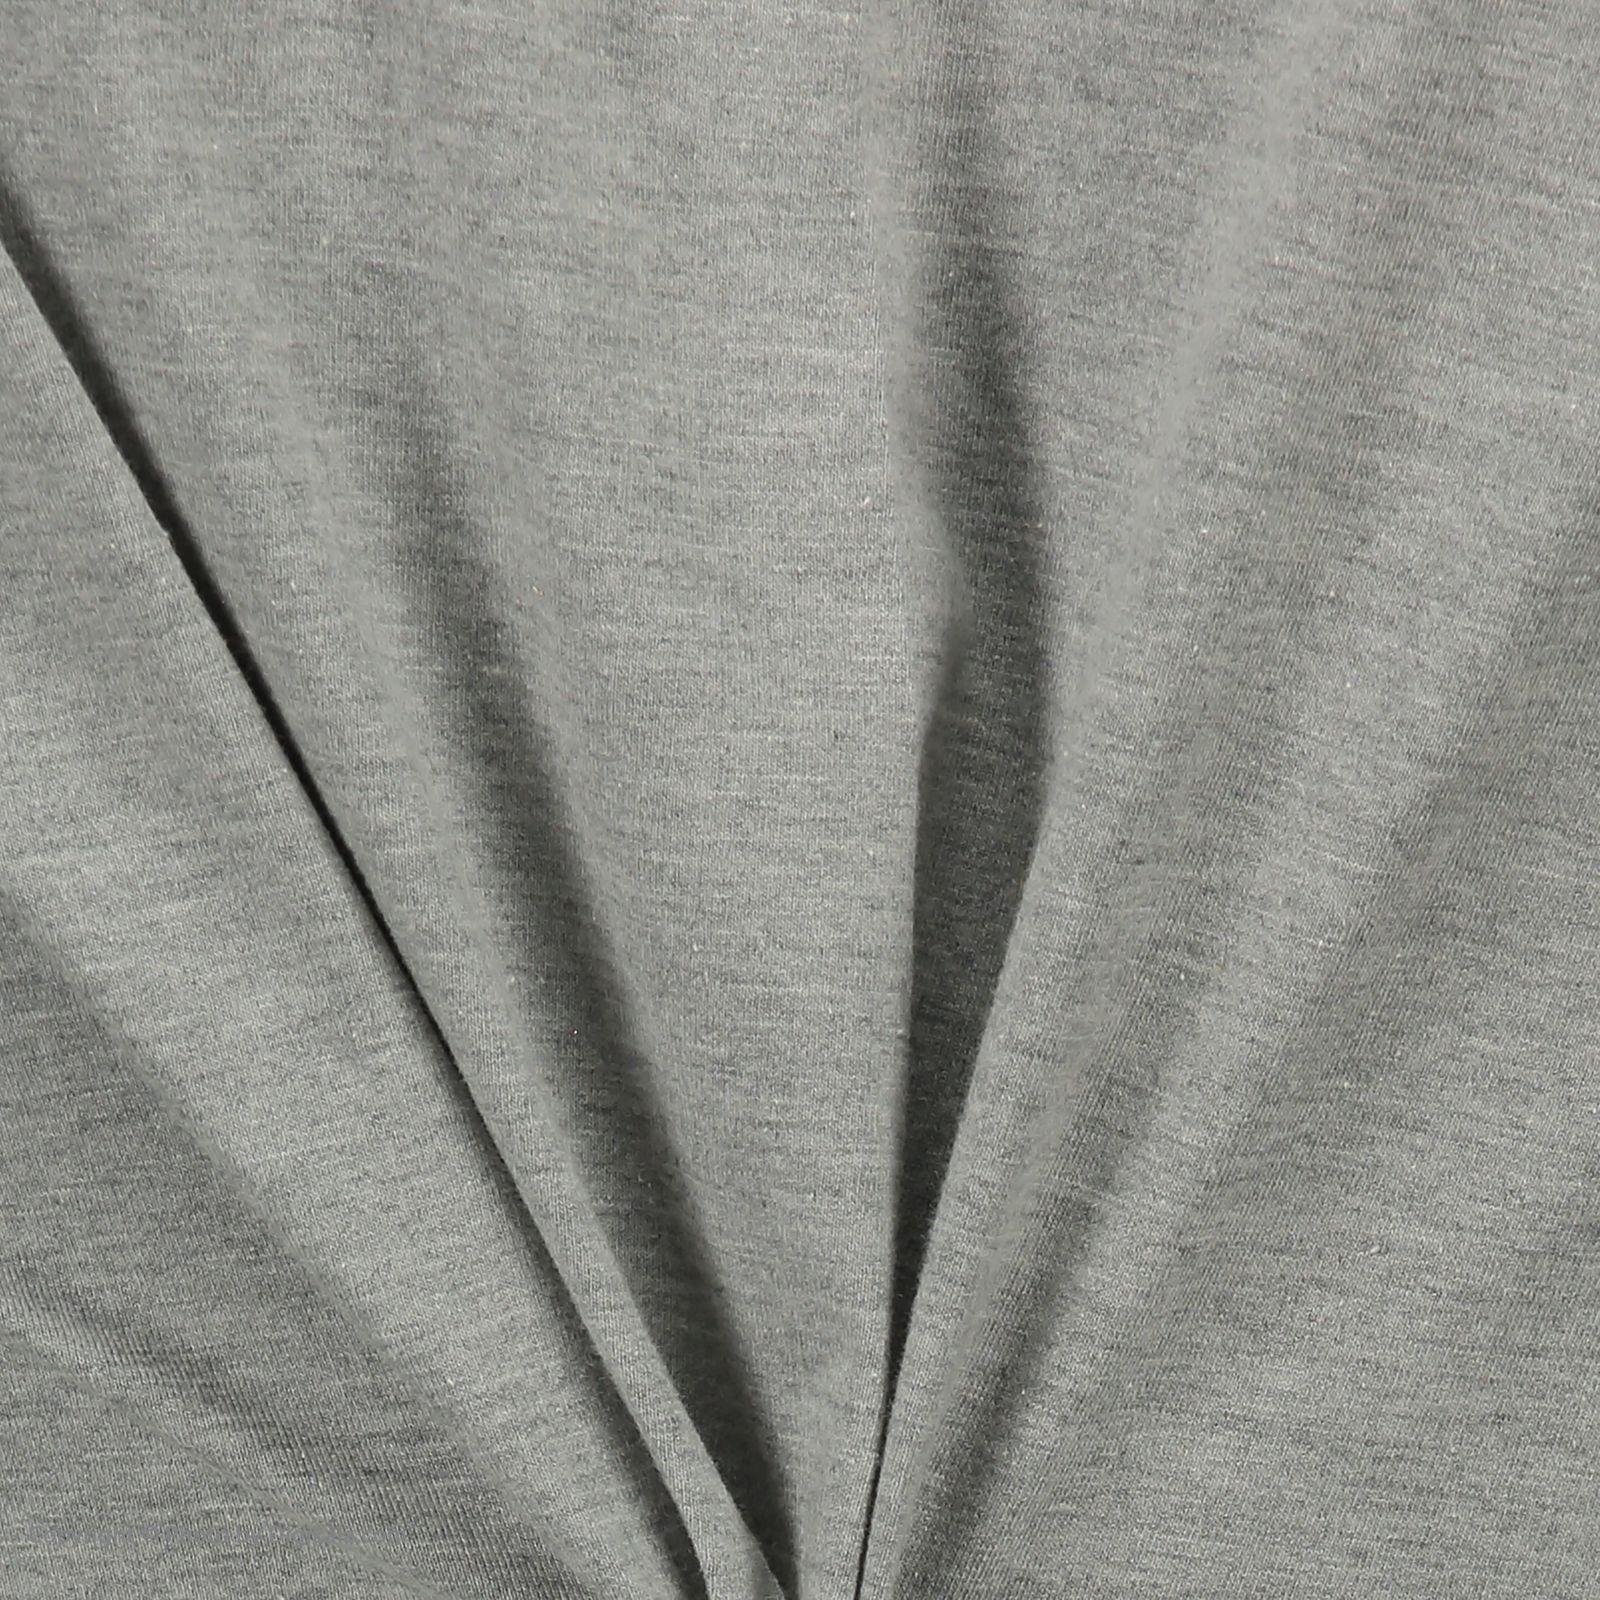 تیشرت مردانه رونی مدل 31110004-31 -  - 6